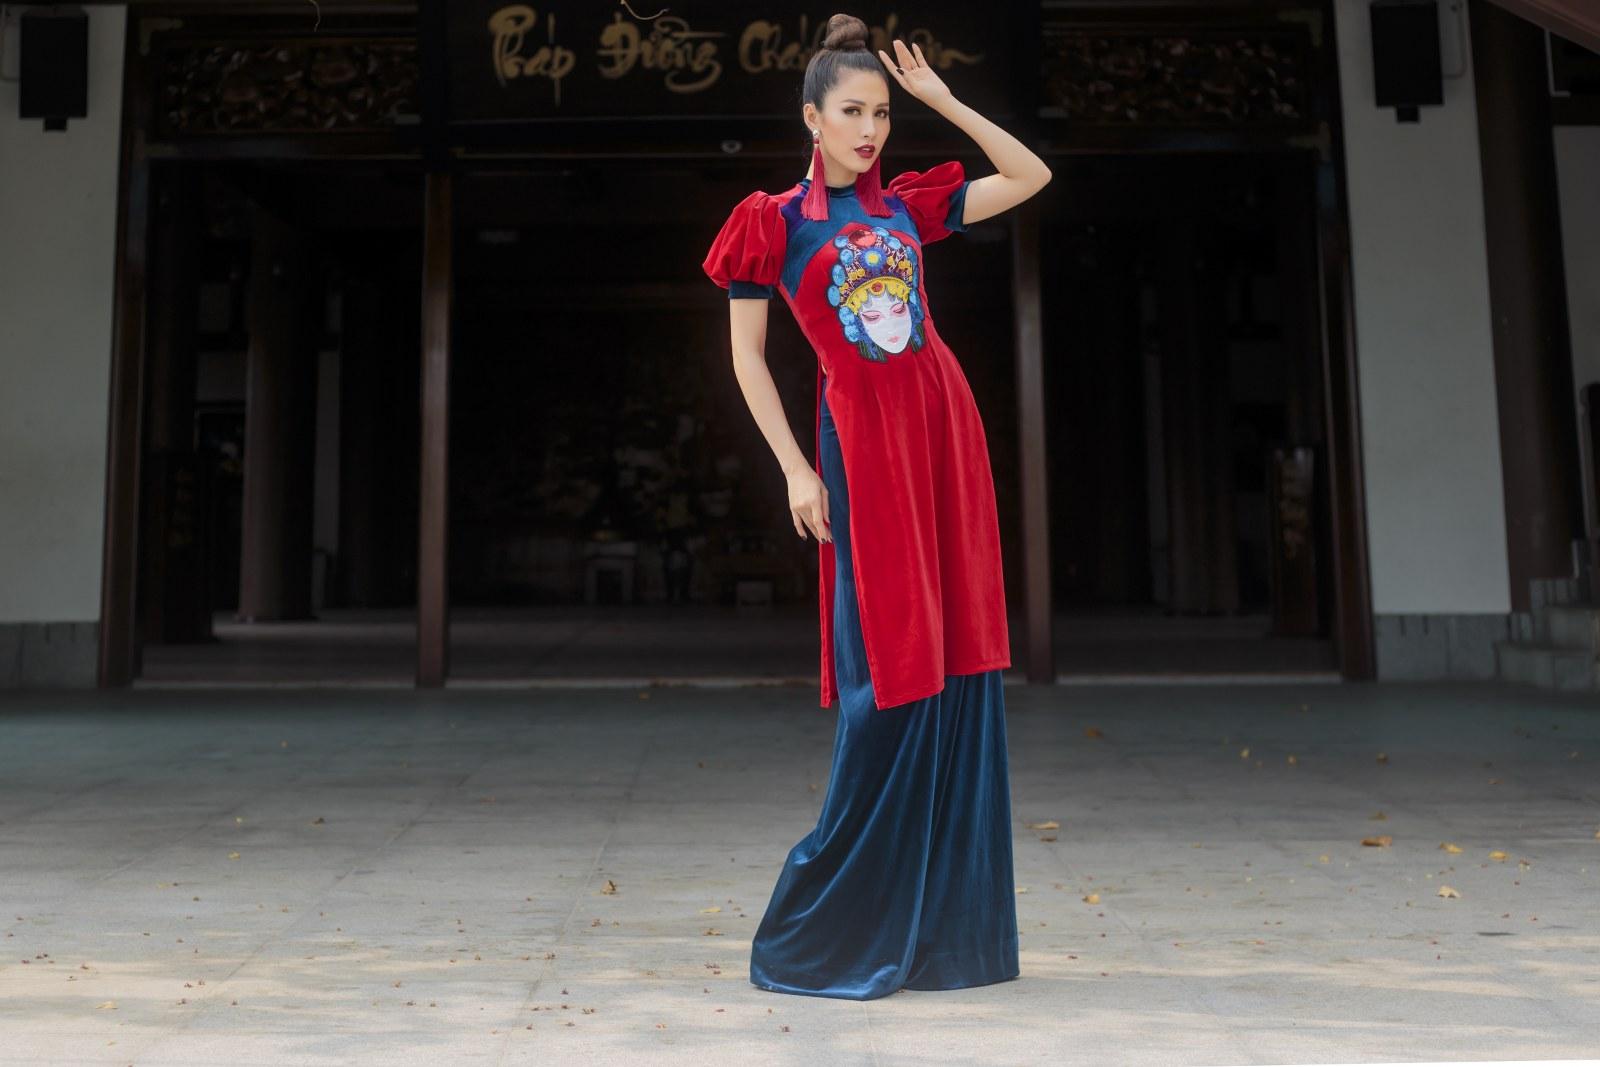 """Trong BST """"Dáng Việt muôn nơi"""", hai cha con NTK đã lấy ý tưởng từ bộ môn nghệ thuật Tuồng xuất xứ ở Bình Định. Đây là một loại hình nghệ thuật được gìn giữ qua các thế kỷ đến nay được NTK Nhật Dũng đưa lên tà áo dài Việt làm mới lạ và sinh động"""